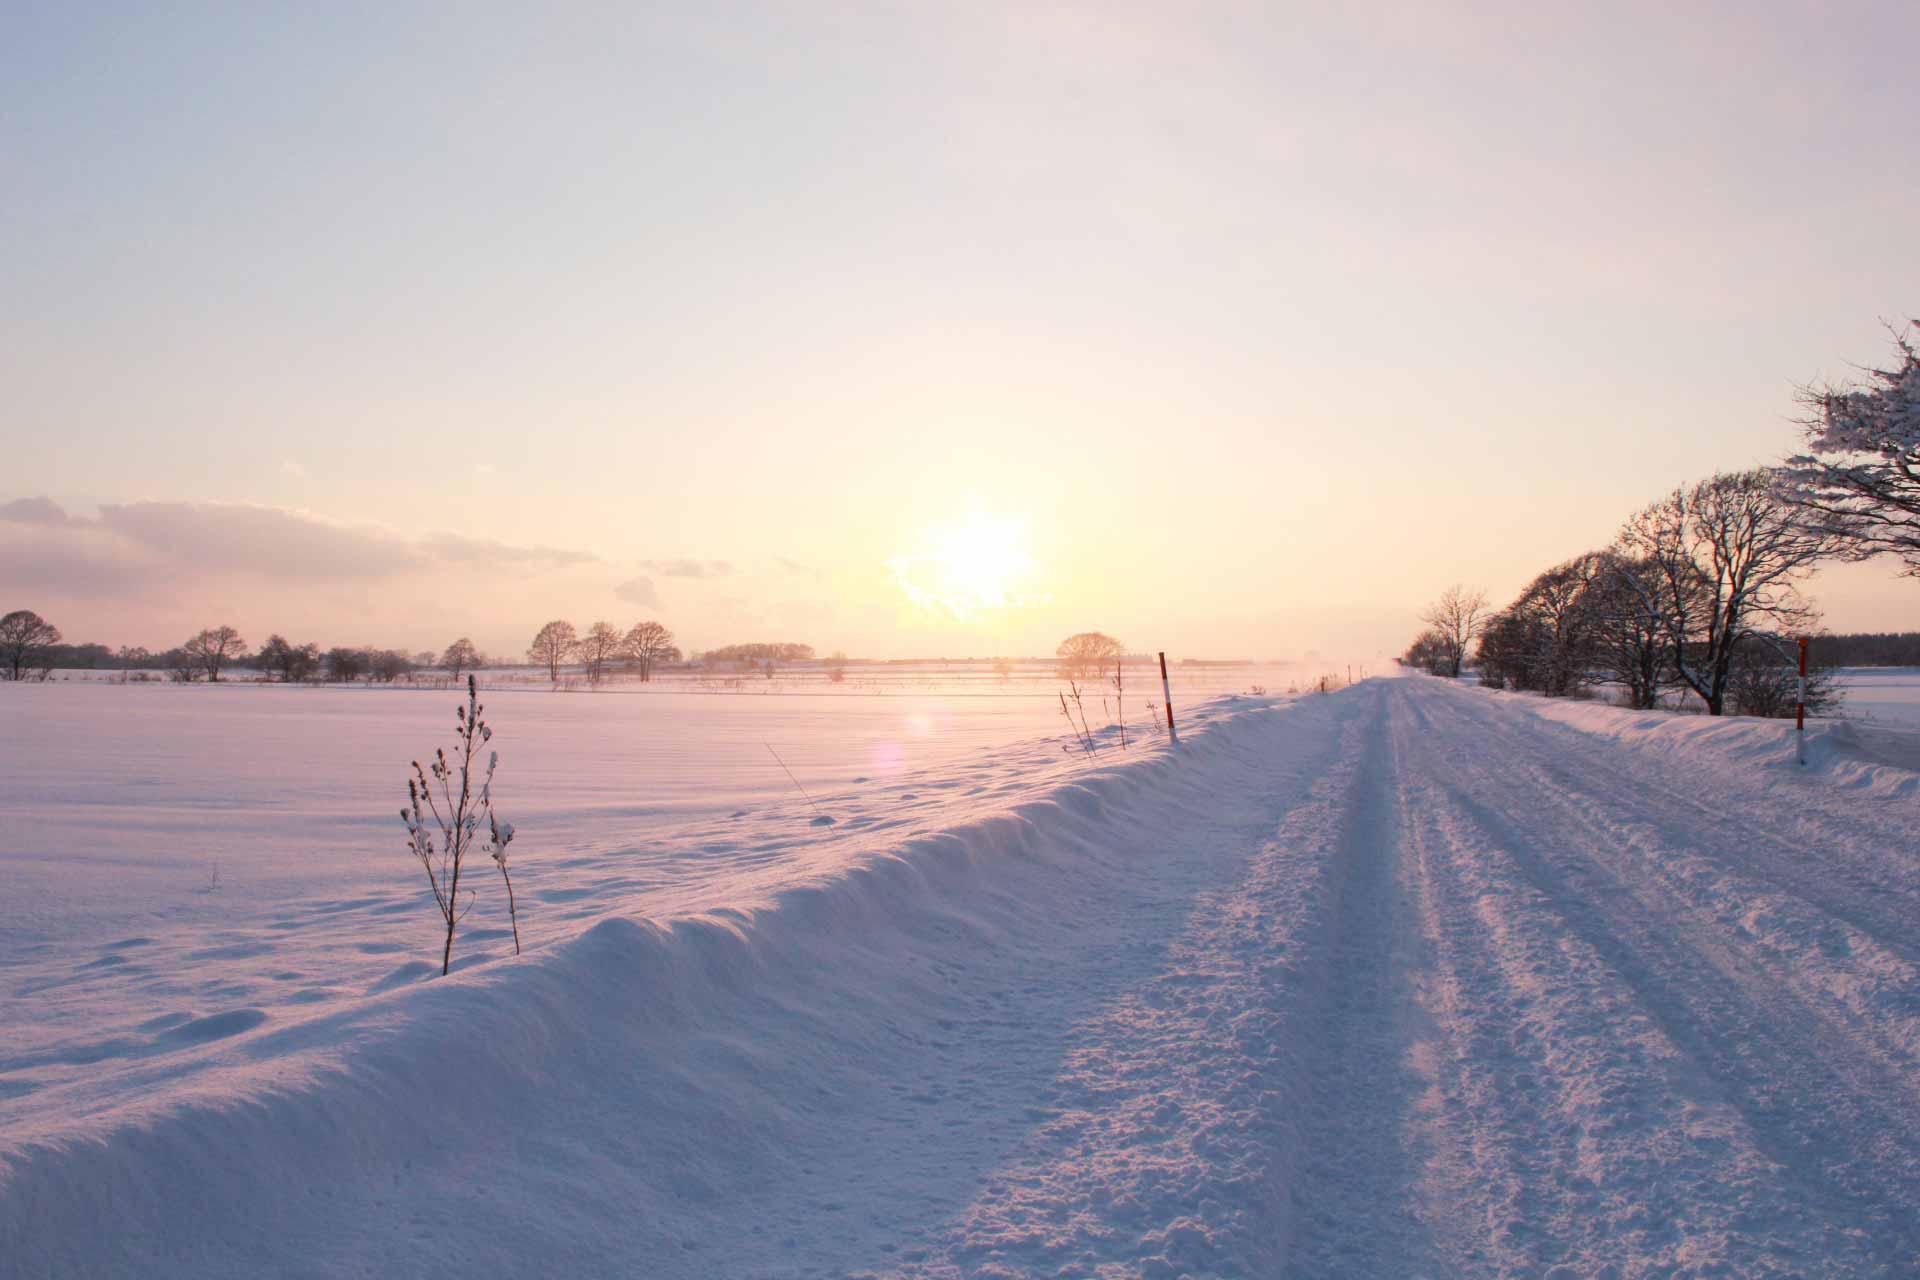 圧雪のイメージ